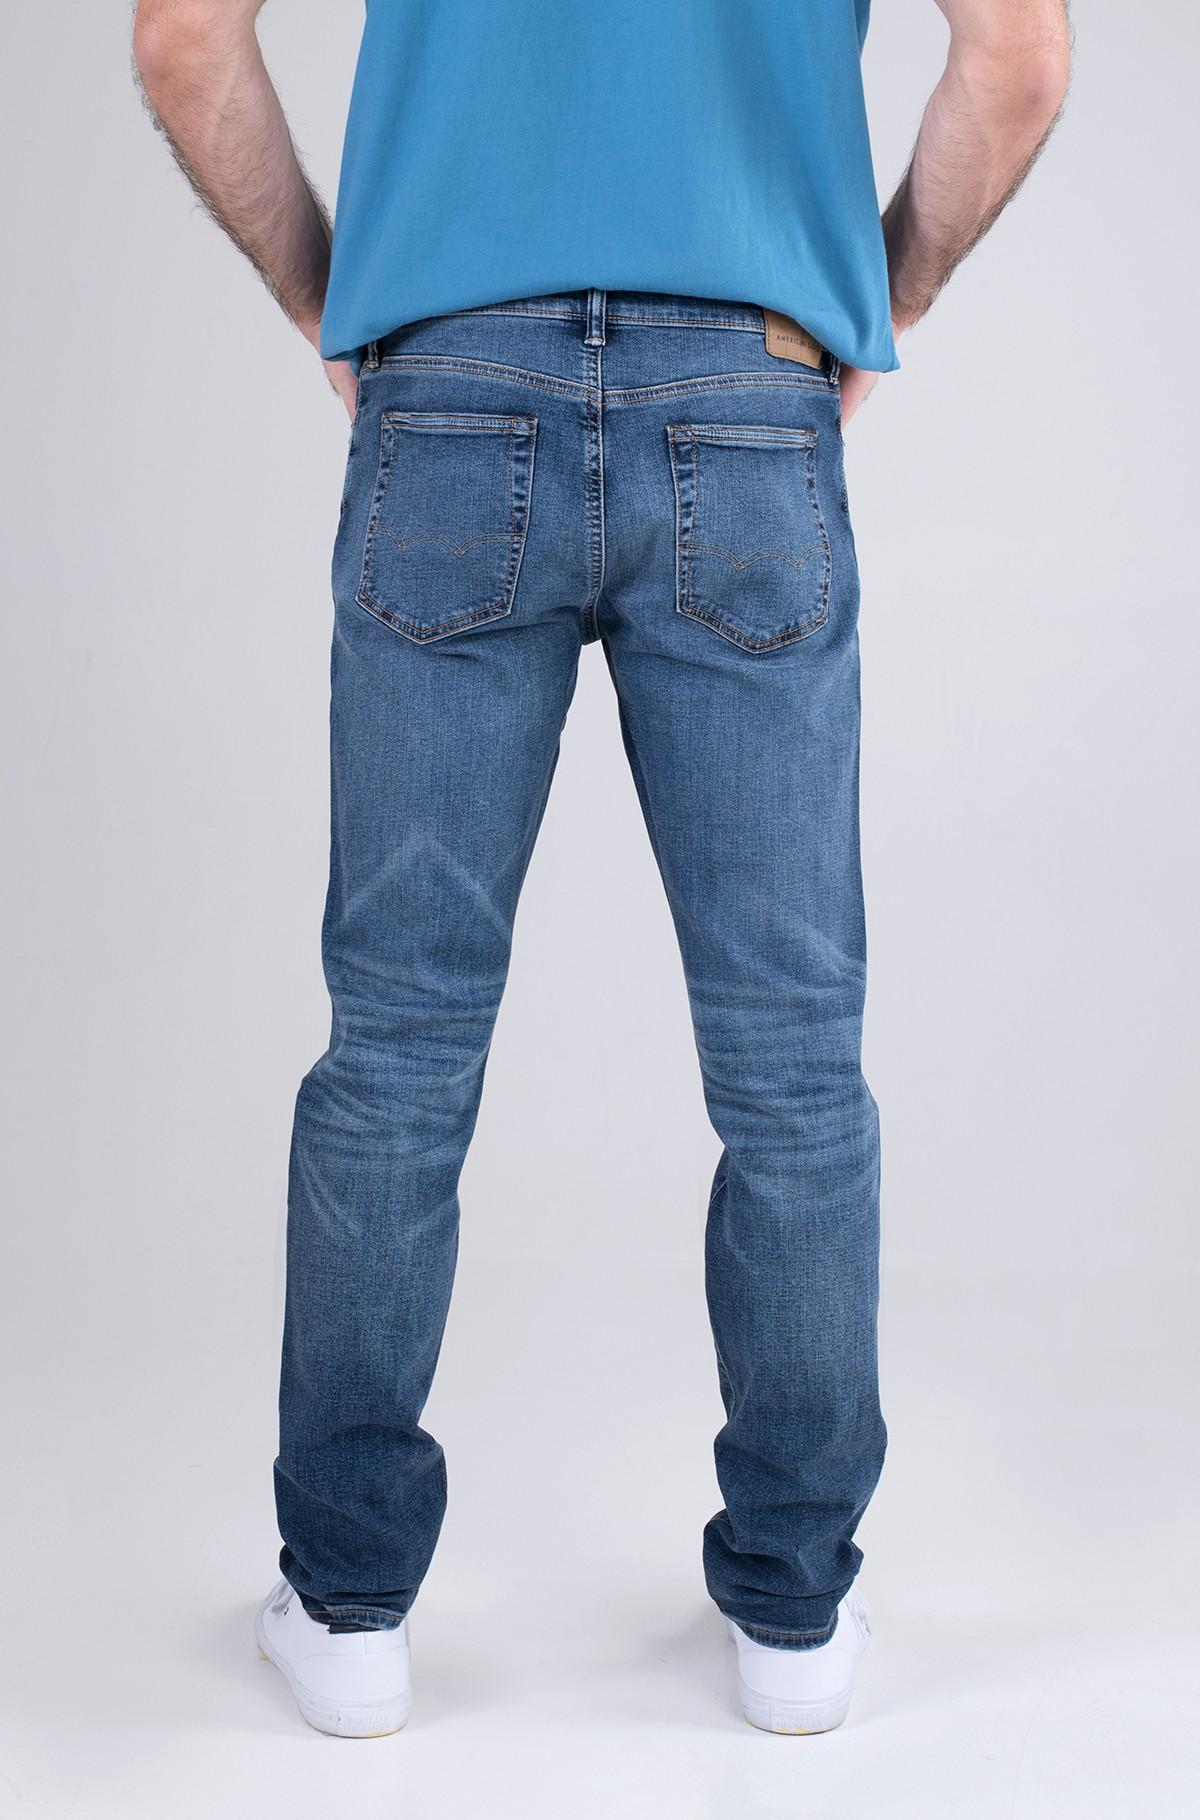 Jeans 011-0117-5443-full-2